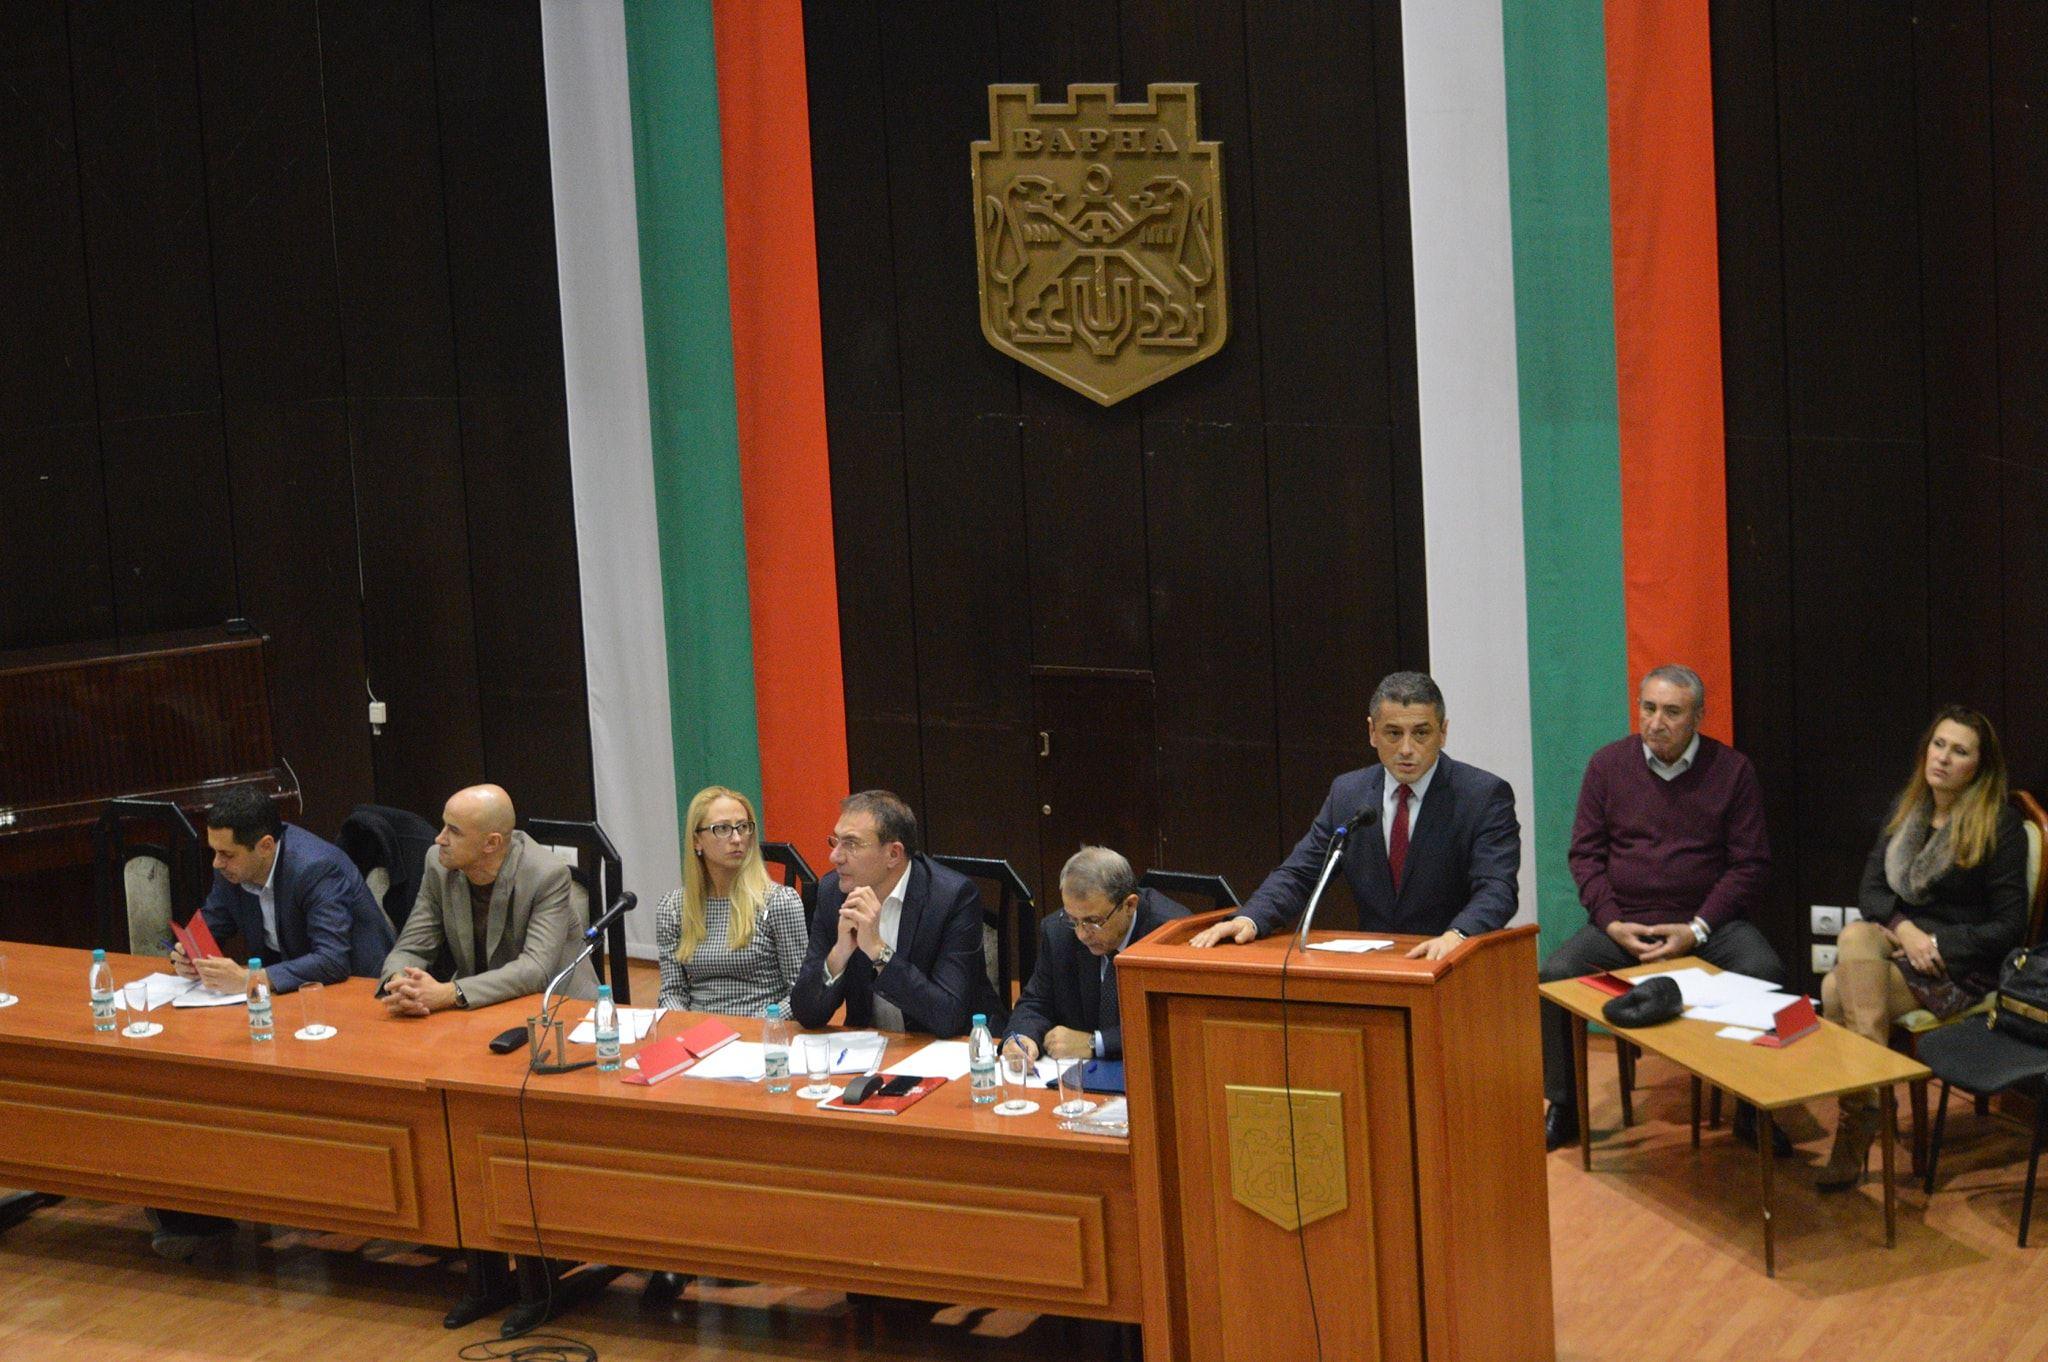 Красимир Янков: На проведената днес градска конференция на БСП във Варна